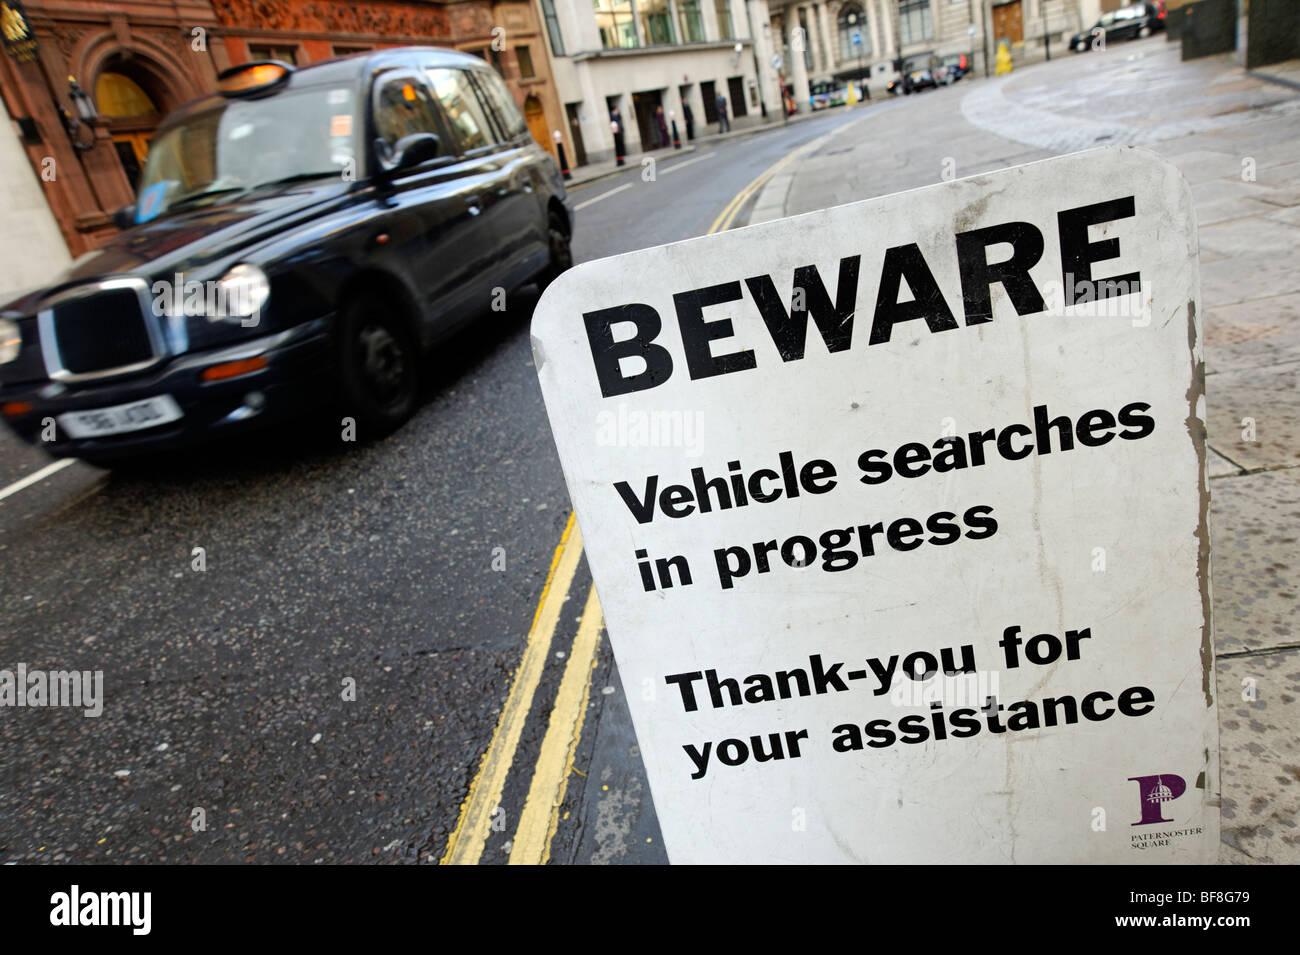 """""""Attenzione, veicolo ricerche' sicurezza privata cartello di avviso presso il parcheggio ingresso. Città Immagini Stock"""